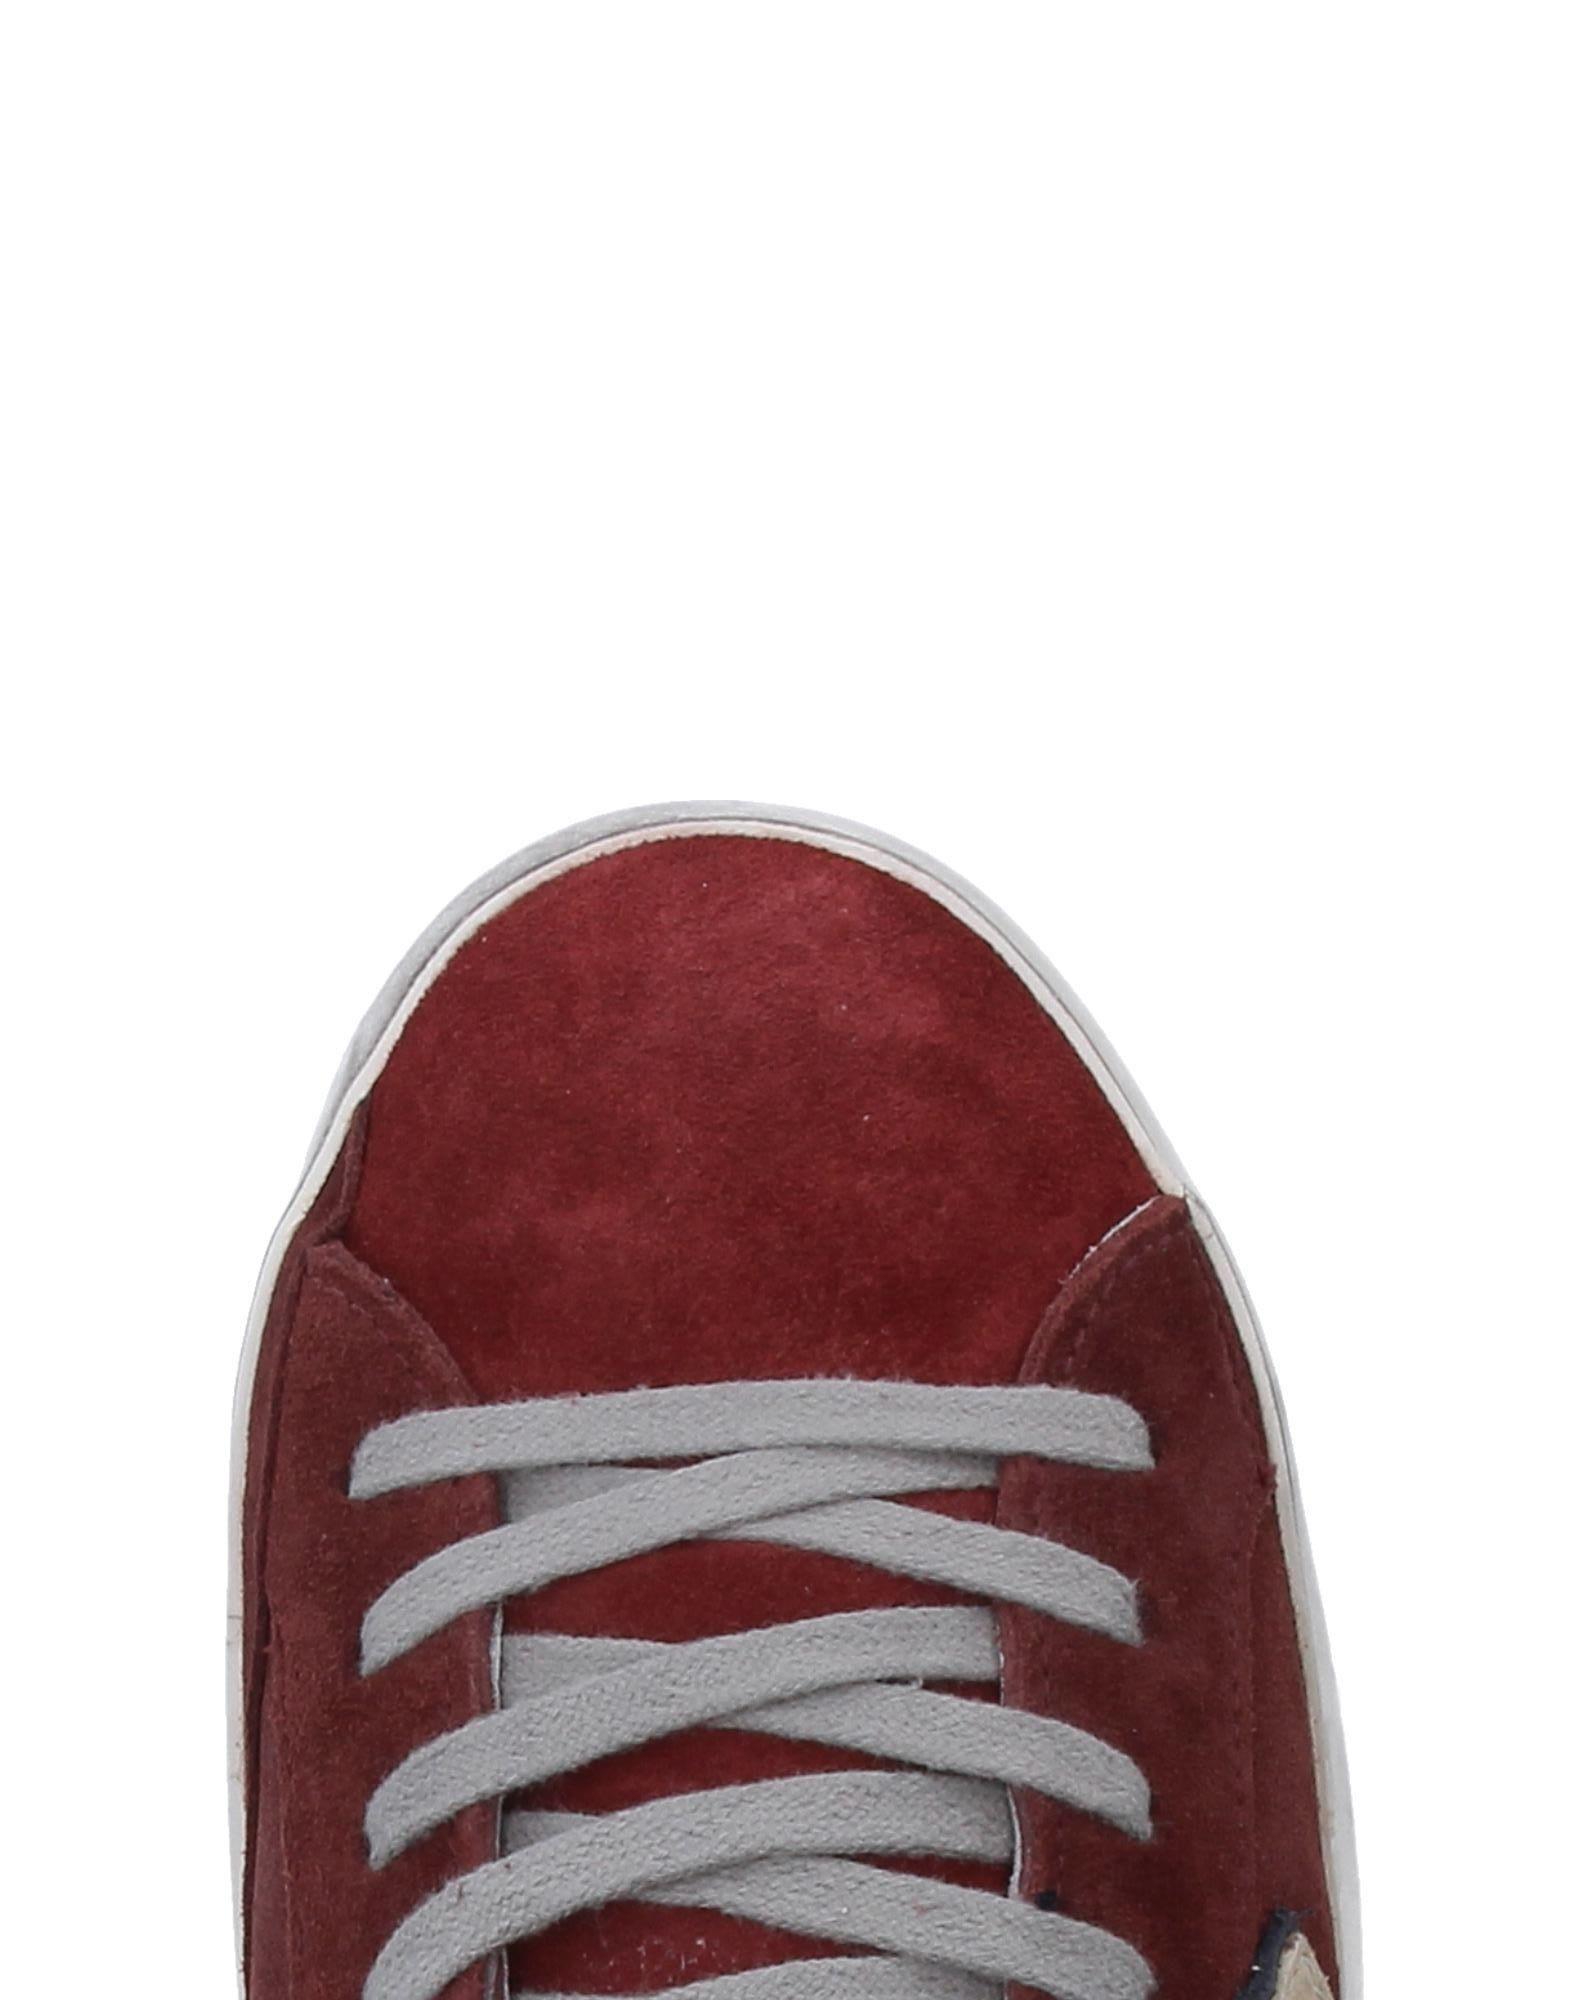 Philippe Herren Model Sneakers Herren Philippe  11298575NK Neue Schuhe dcad51